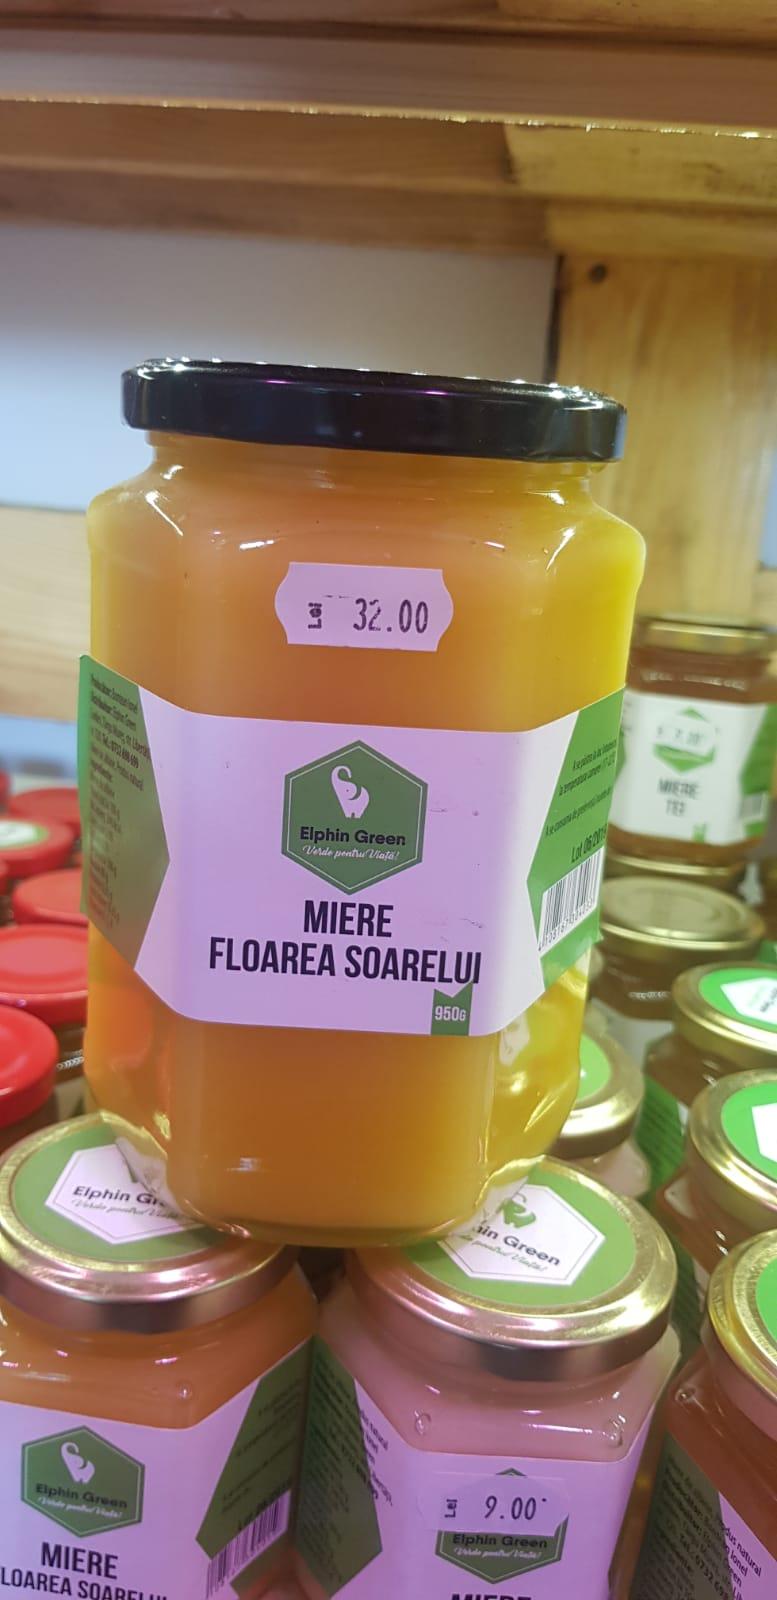 miere floarea soarelui 950 g